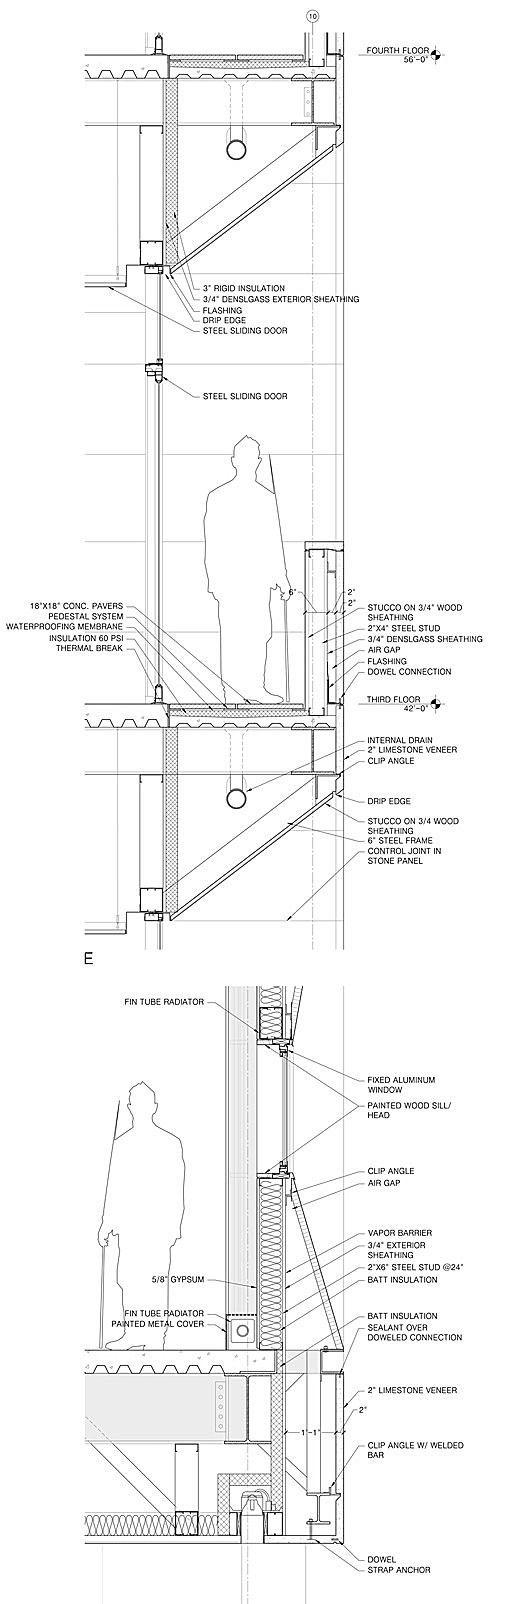 Oberlicht detail dwg  590f172a3da690efcebb8e1fe4d76bdc.jpg (514×1604) | DWG | Pinterest ...